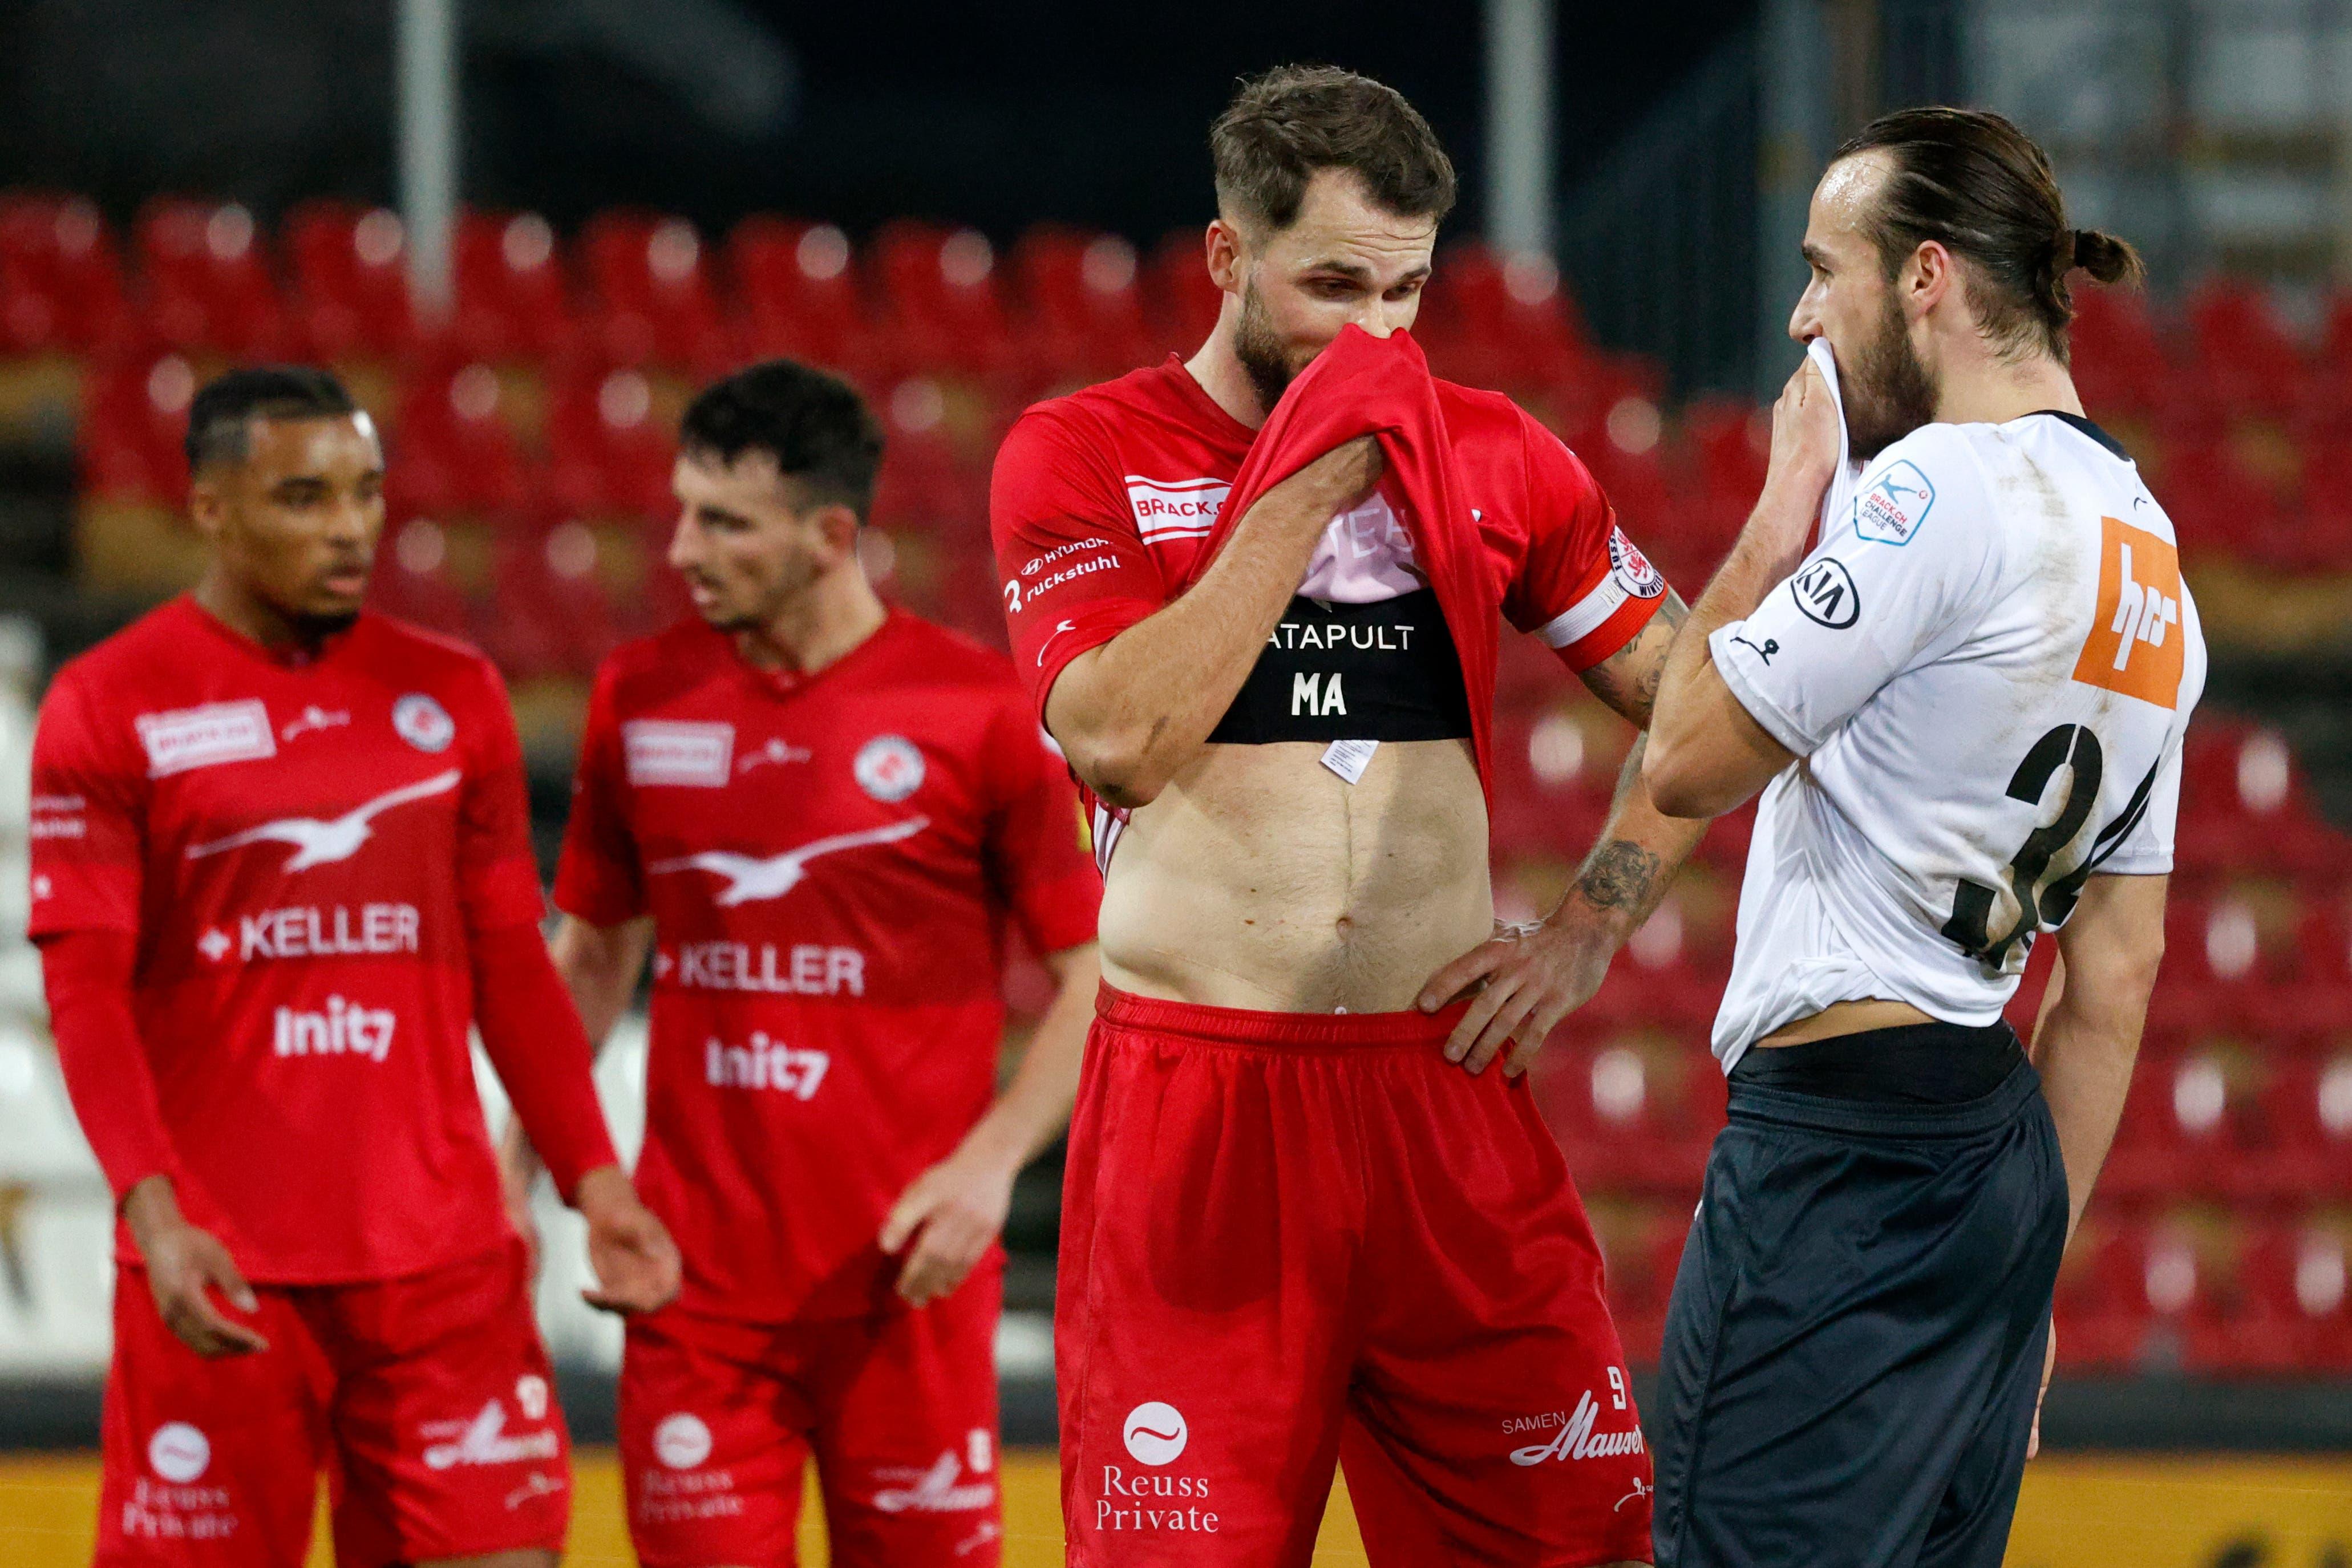 Der FC Winterthur dürfte mit dem Punktgewinn einigermassen zufrieden sein.